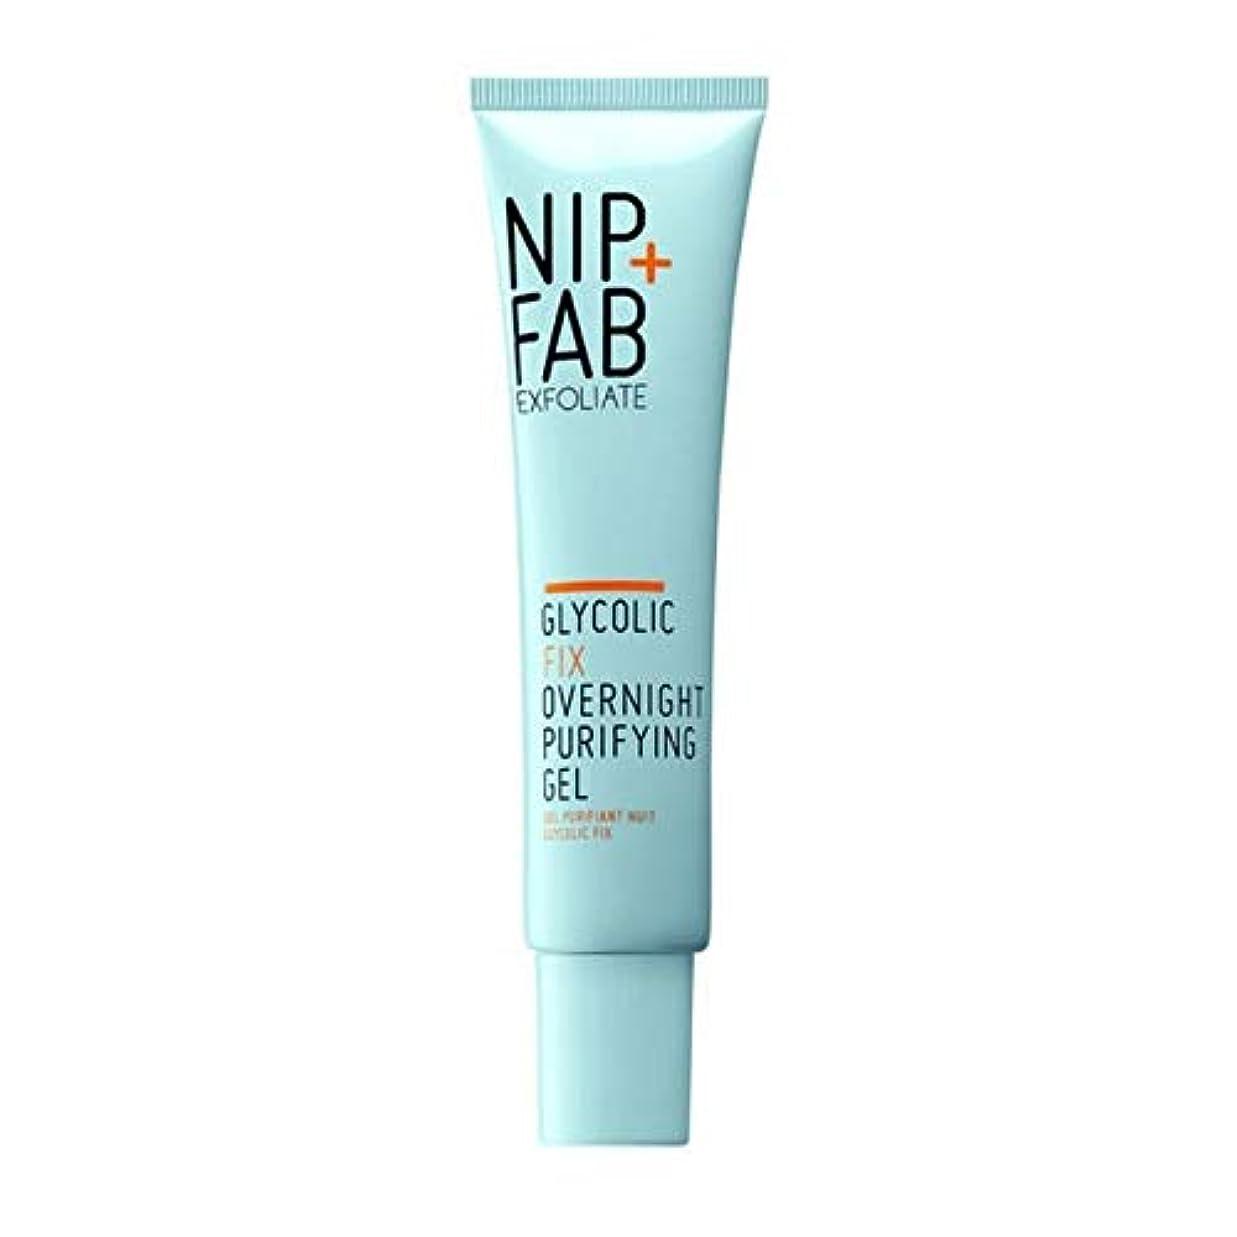 複雑偽発行[Nip & Fab ] + Fabグリコール一夜浄化ゲル40ミリリットルニップ - Nip+Fab Glycolic Overnight Purifying Gel 40ml [並行輸入品]